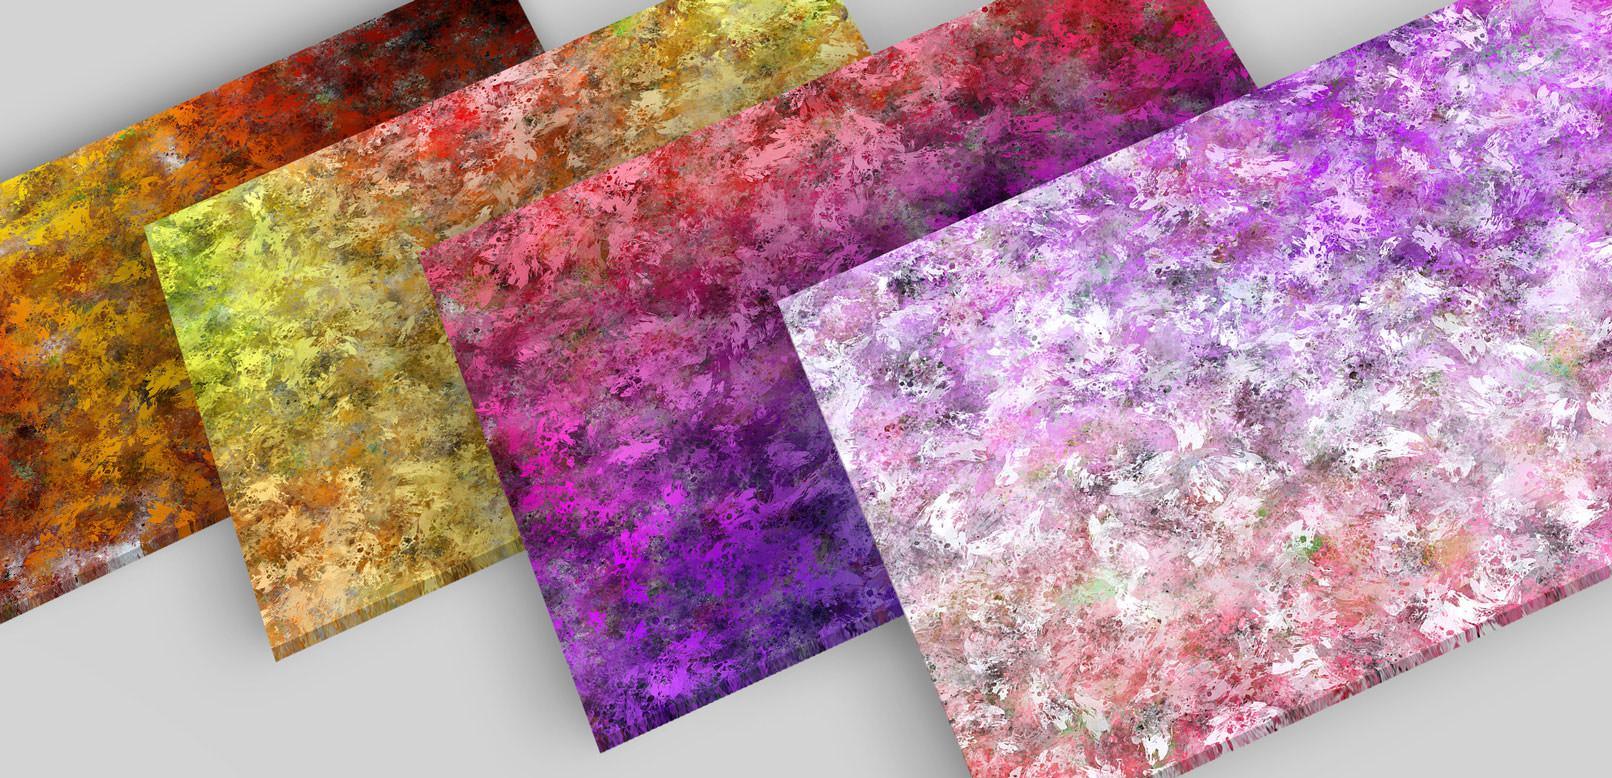 Bunte Hintergründe aus Ölfarben in verschiedenen Farben